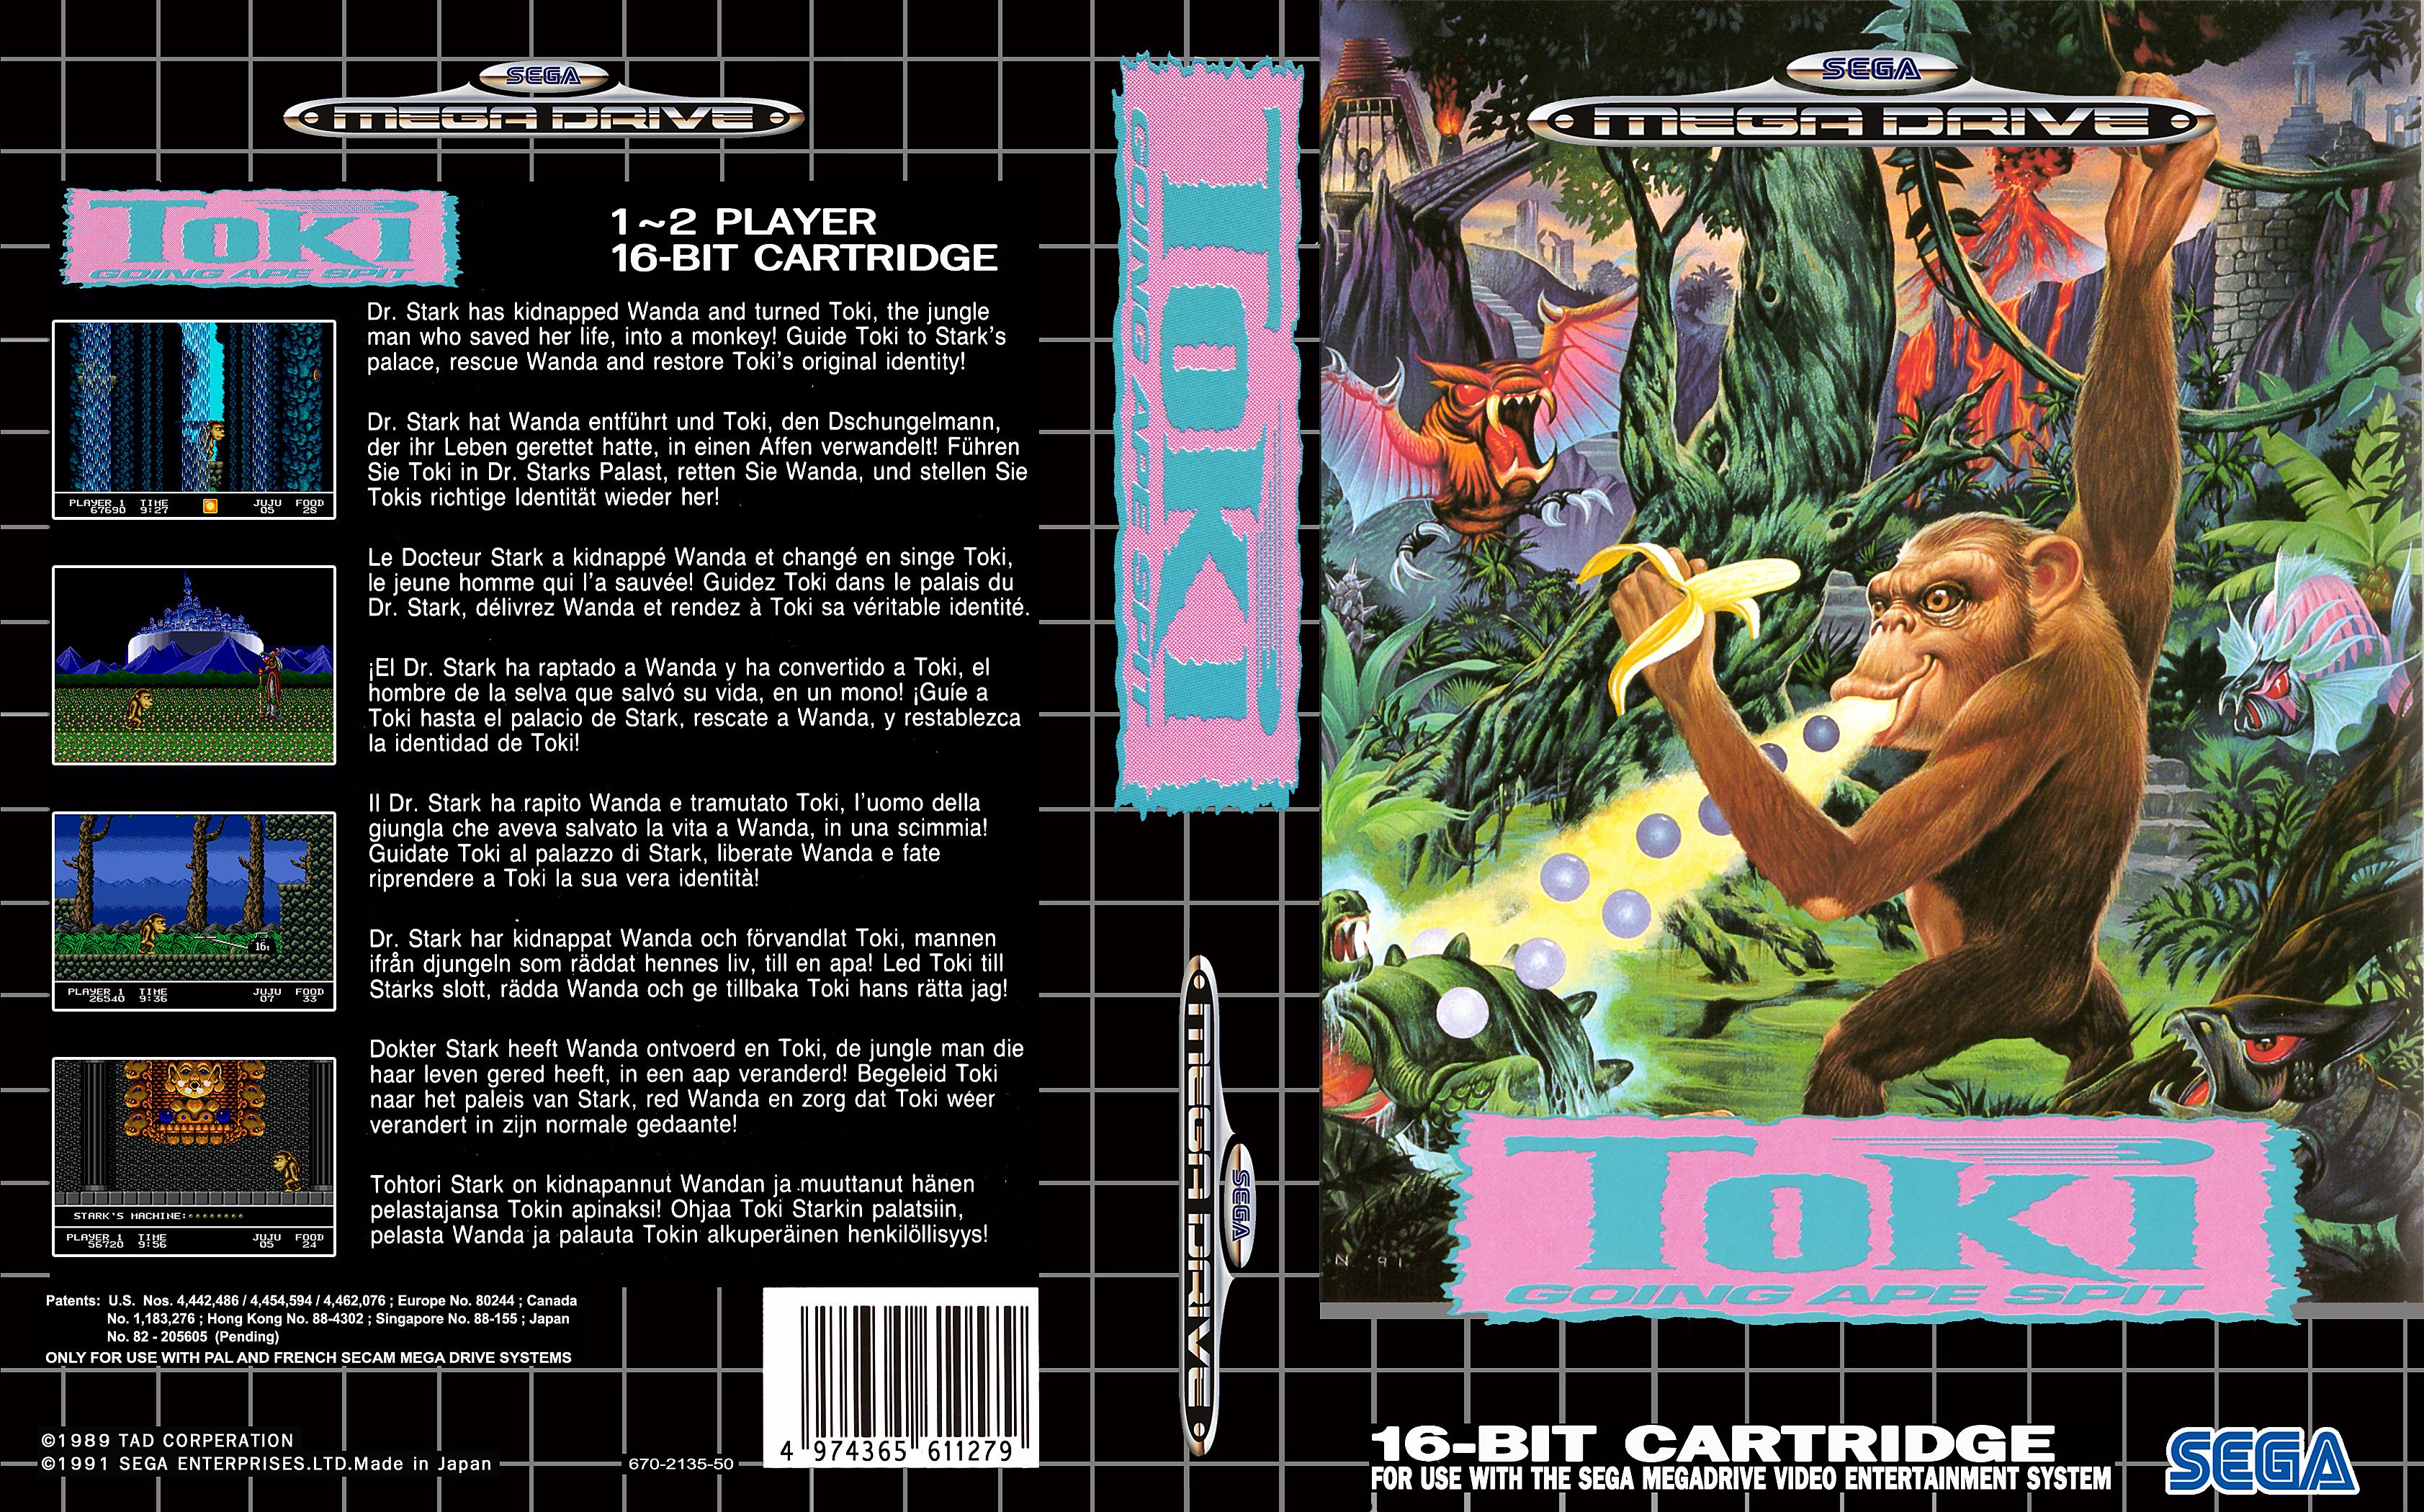 Sega Megadrive Genesis T Game Covers Box Scans Box Art CD